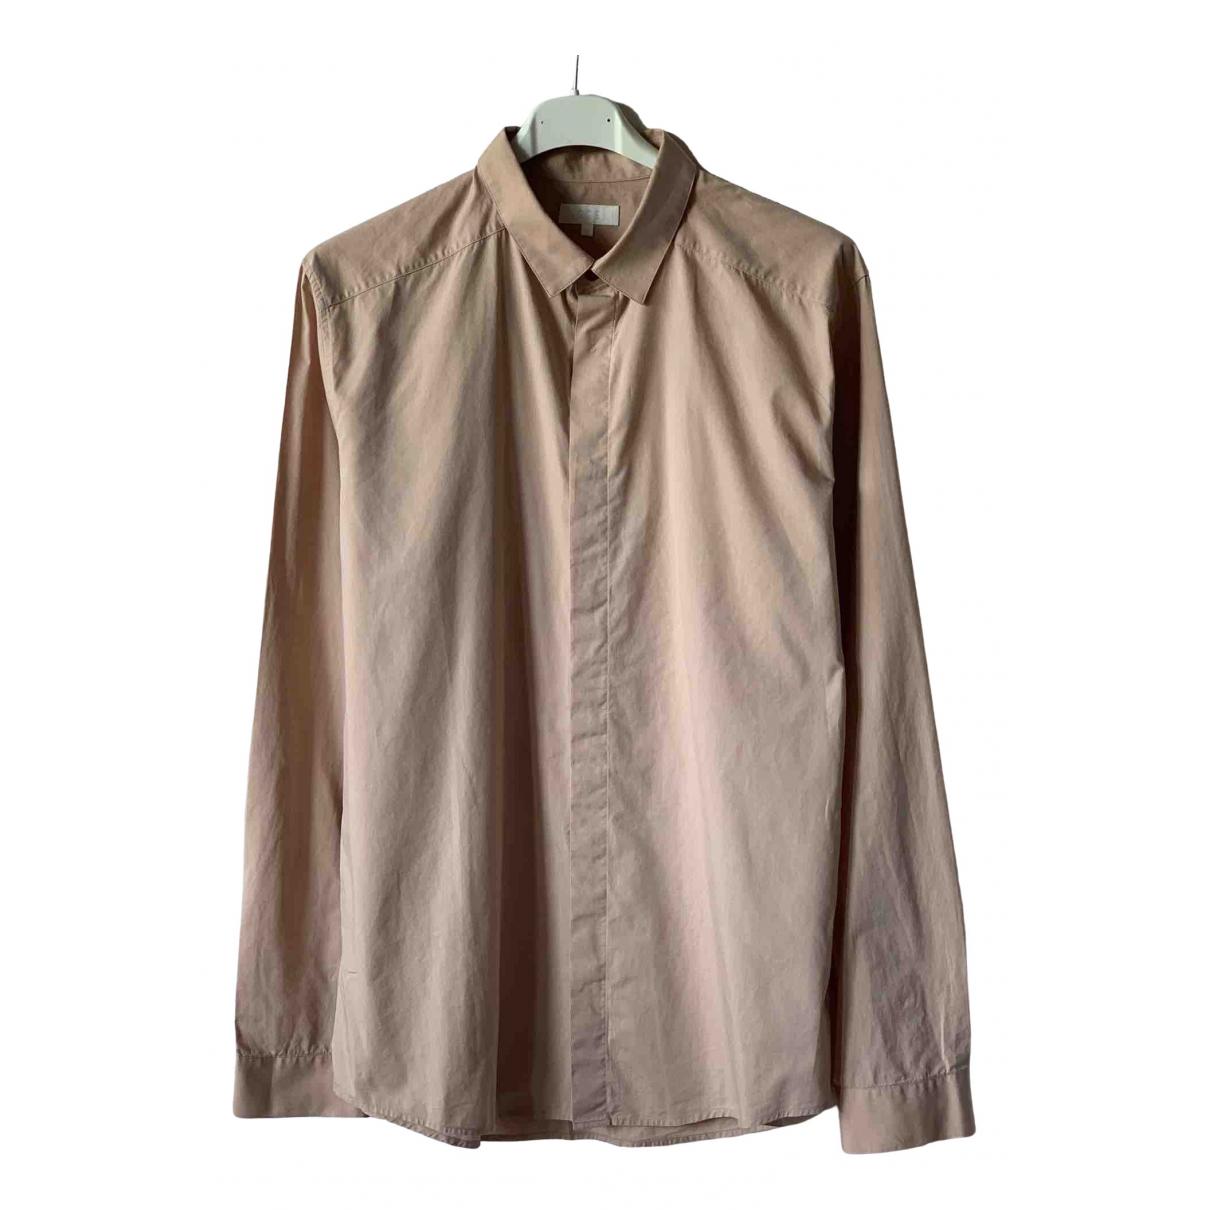 Cos - Chemises   pour homme en coton - rose